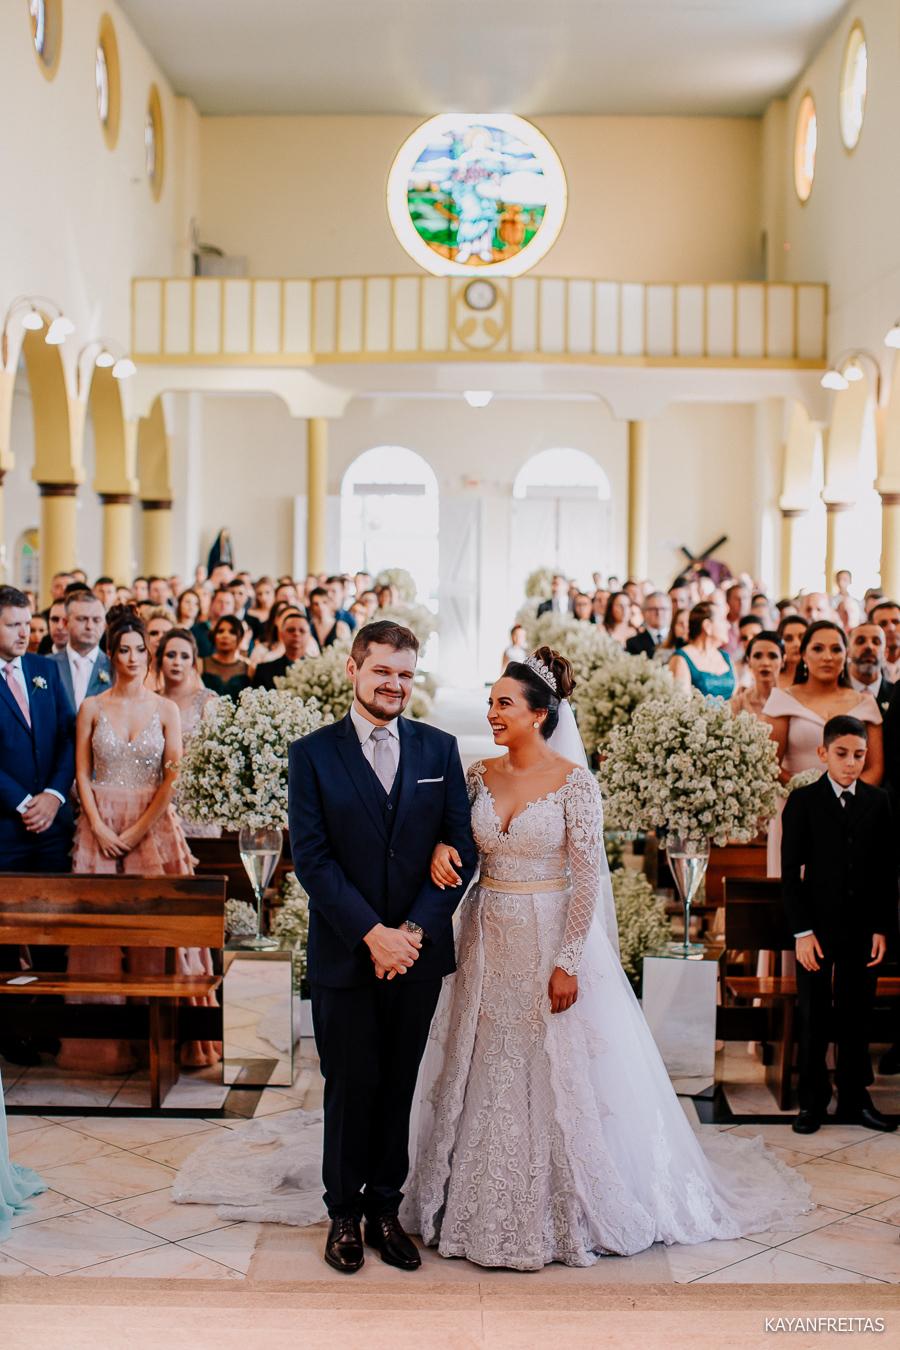 casamento-antonio-carlos-des-0054 Casamento Daniele e Samuel - Antônio Carlos - SC